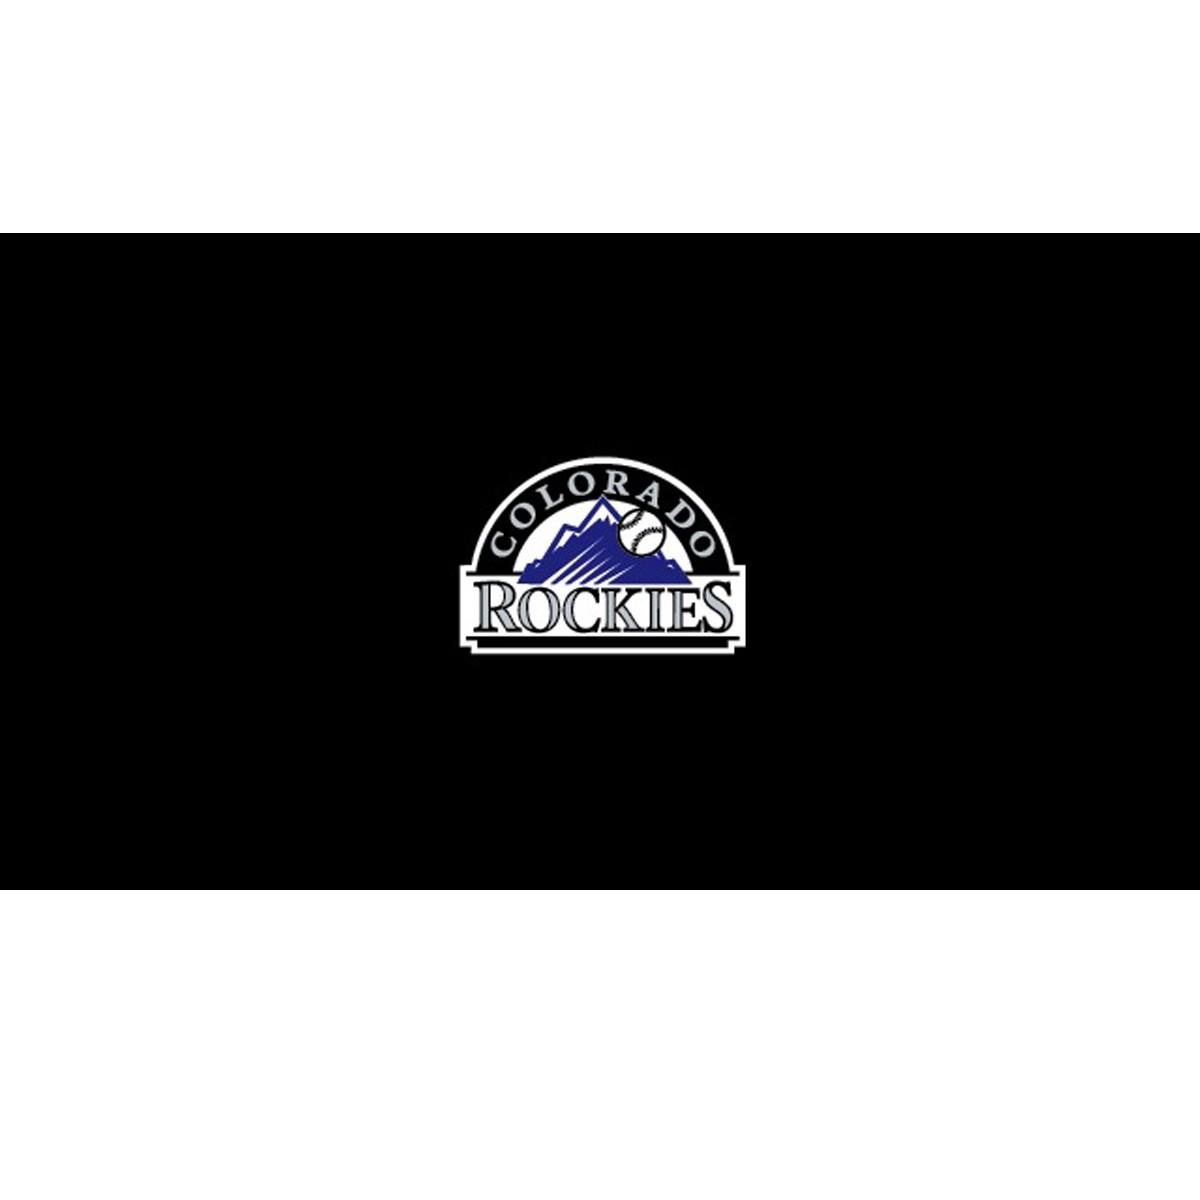 COLORADO ROCKIES 8-FOOT BILLIARD CLOTH